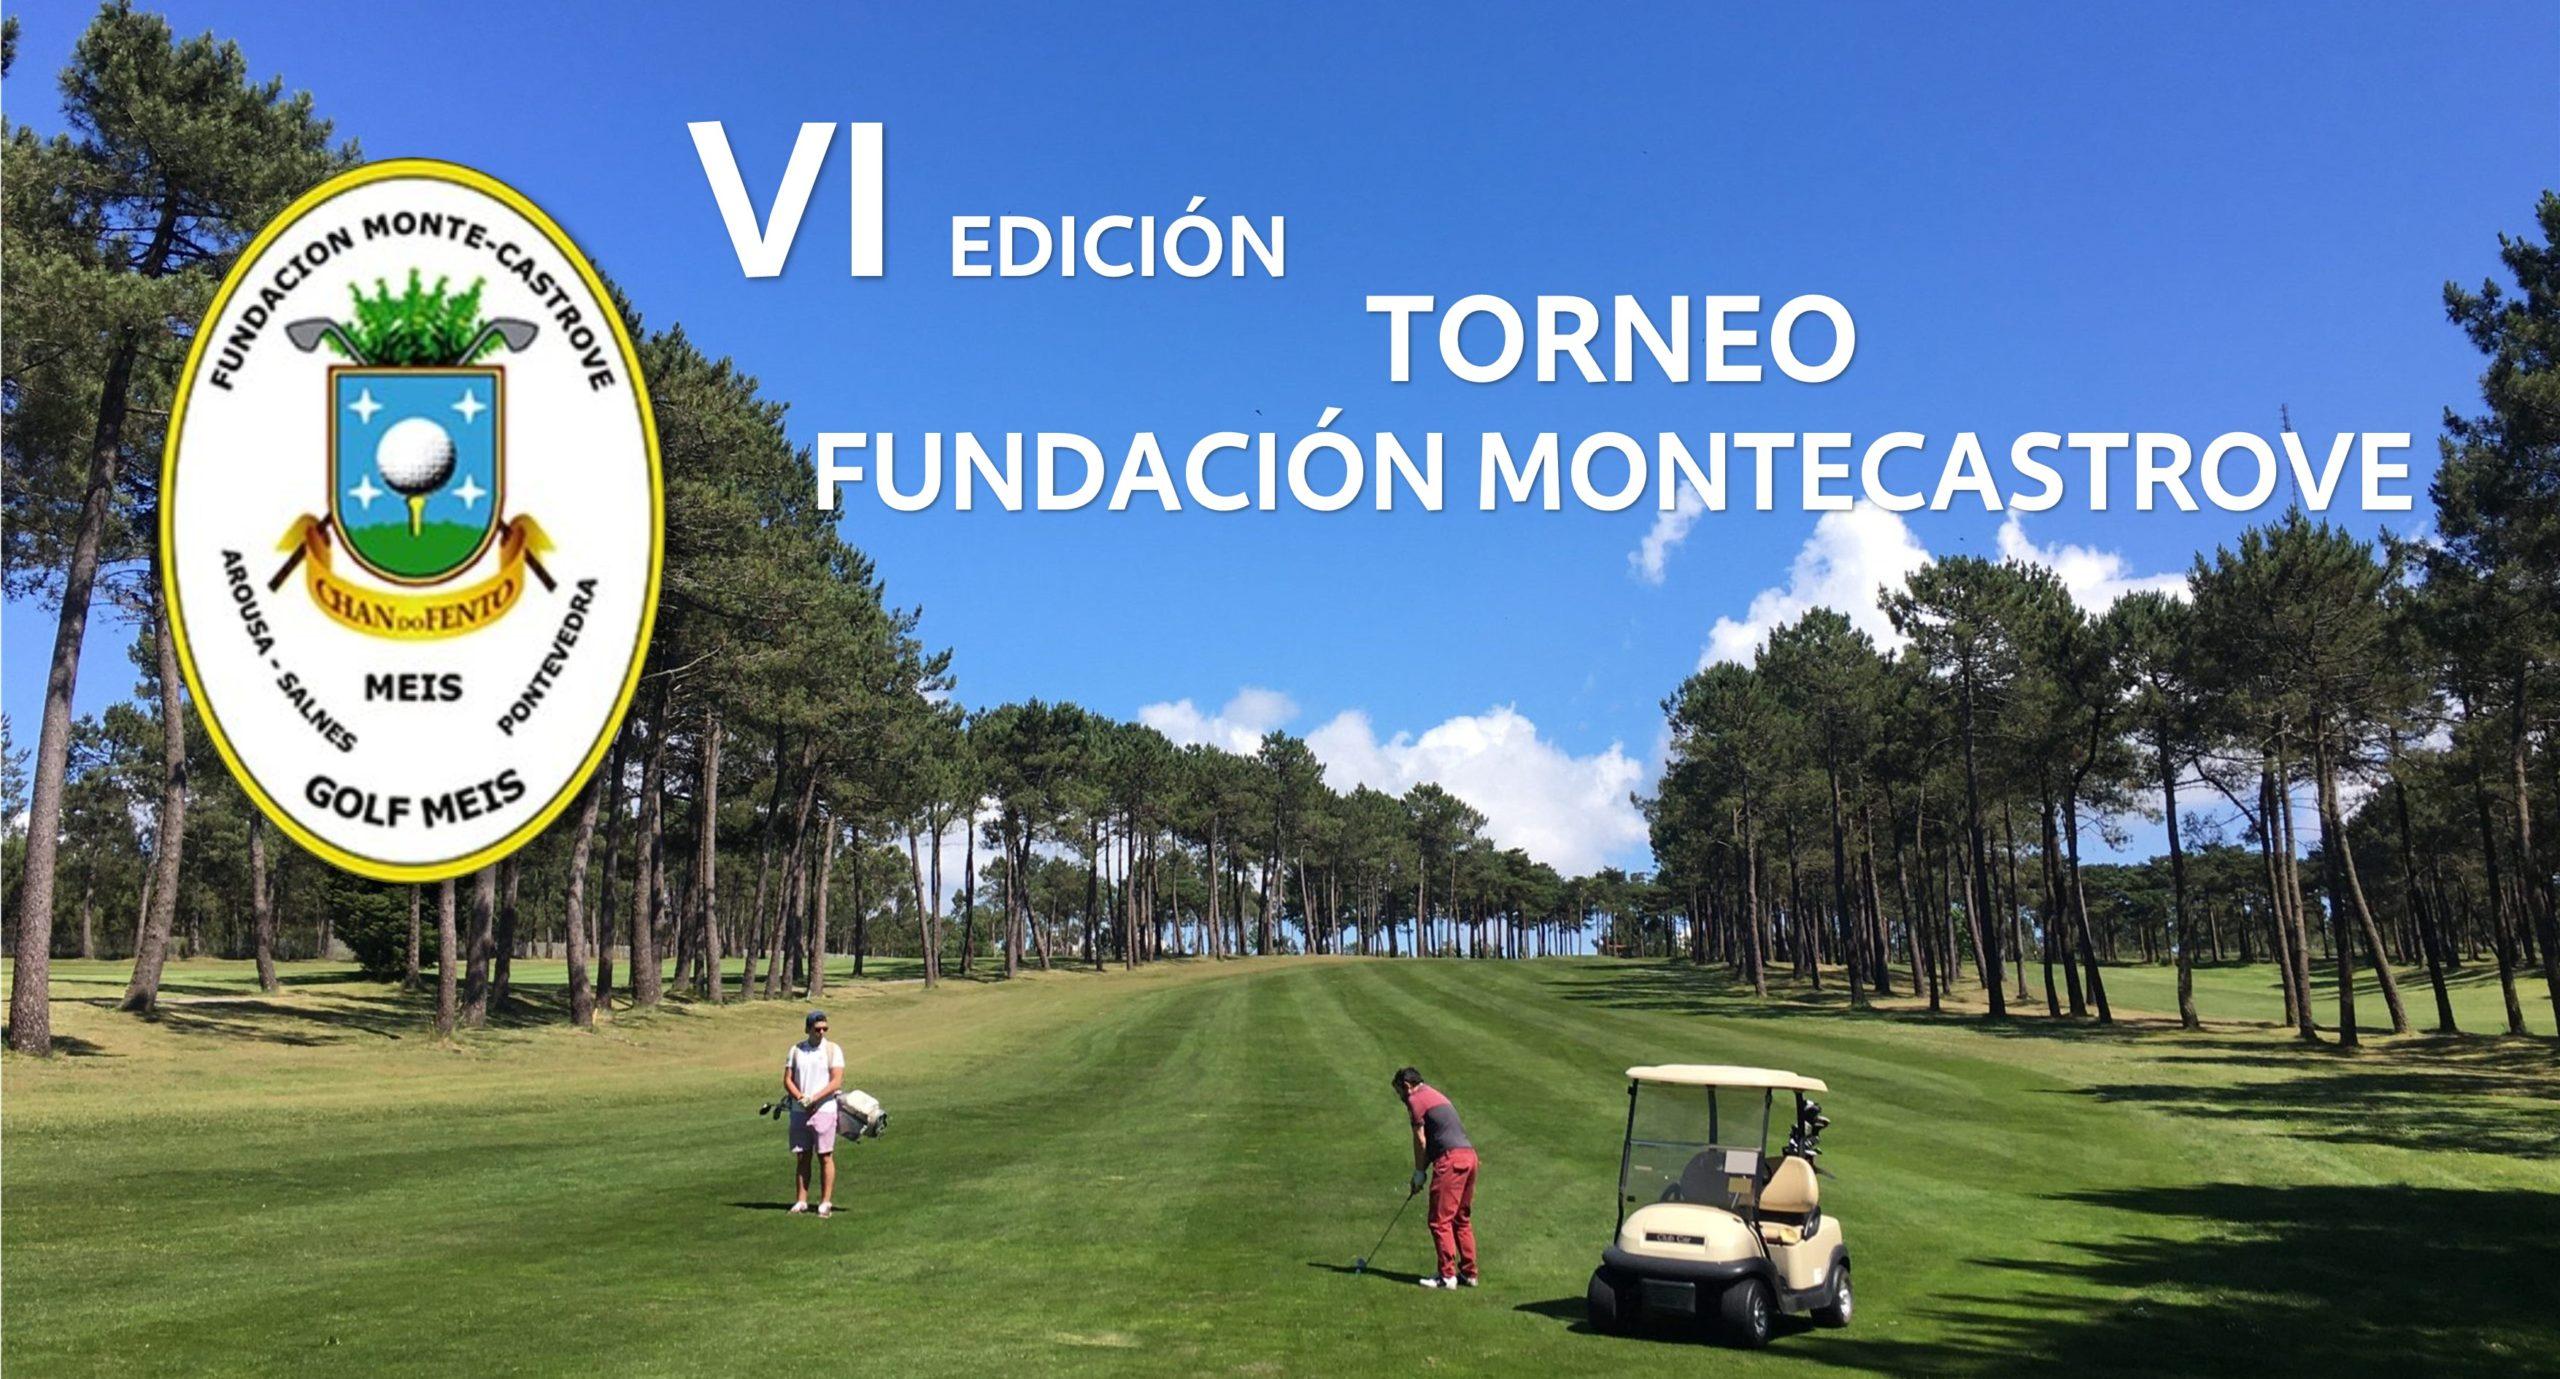 Los Hermanos Estévez Ganan La VI Edición Del Fundación Montecastrove